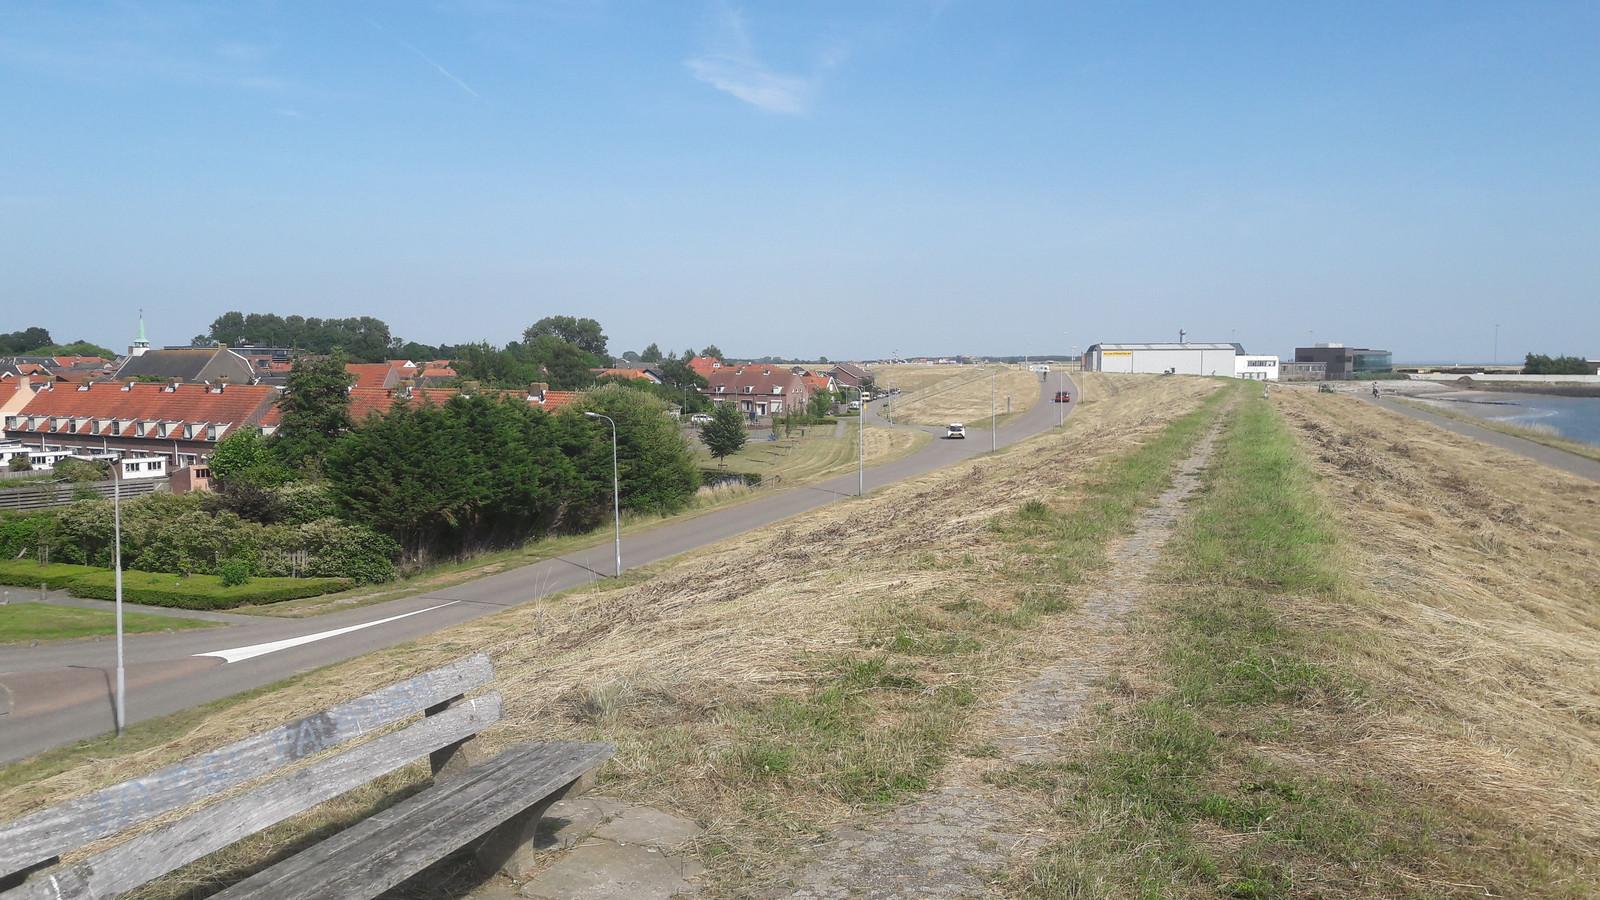 De dijk bij Hansweert, die de komende jaren flink wordt opgehoogd.